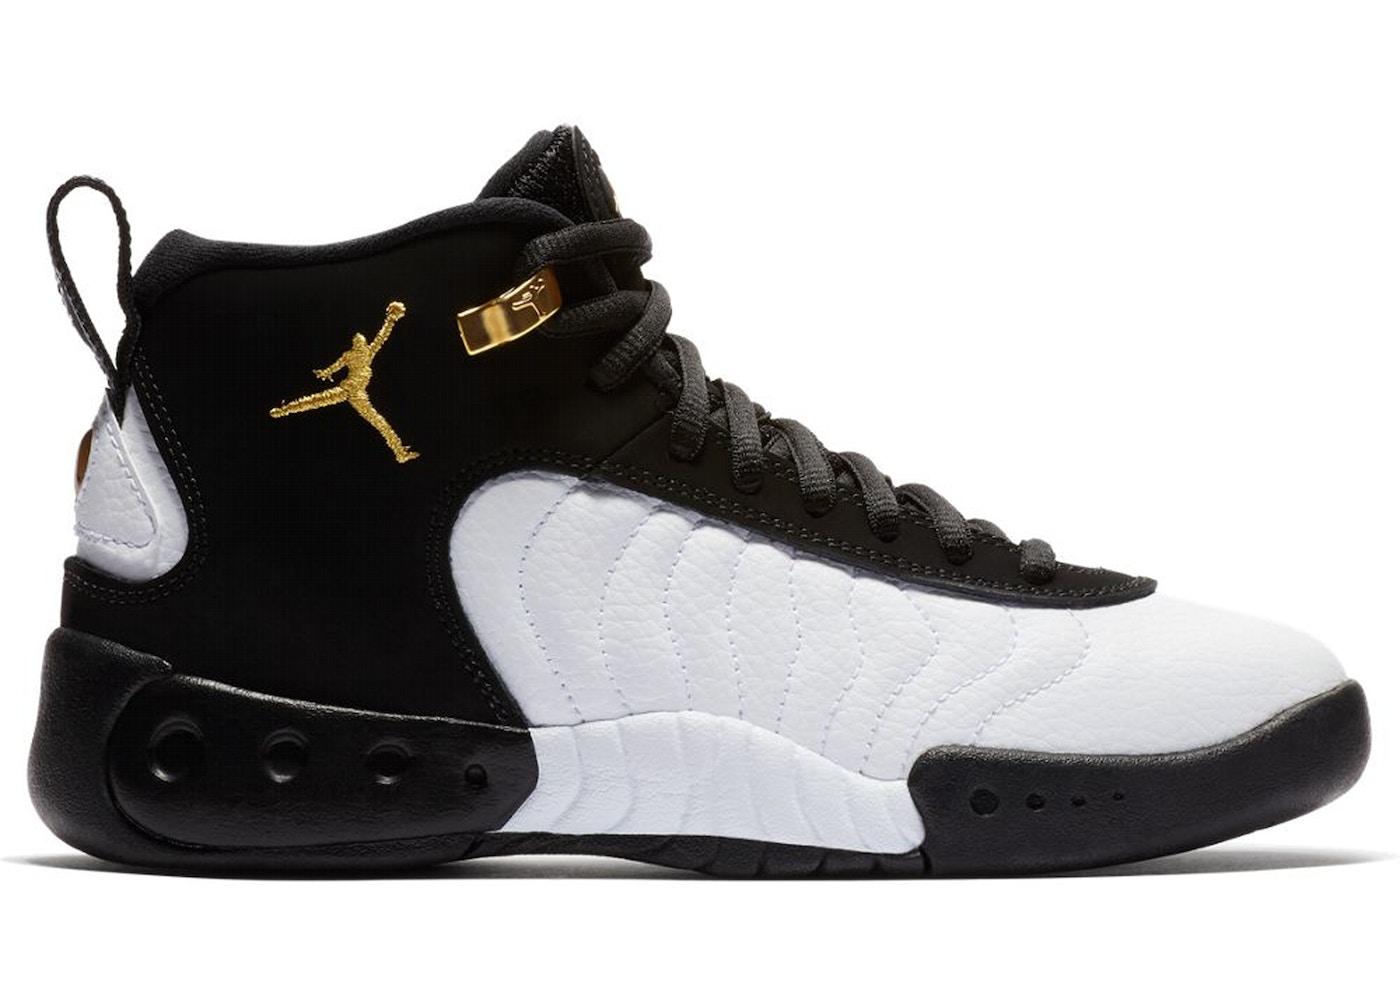 8477437e384821 Jordan Jumpman Pro Black Gold White (GS) - 907973-032